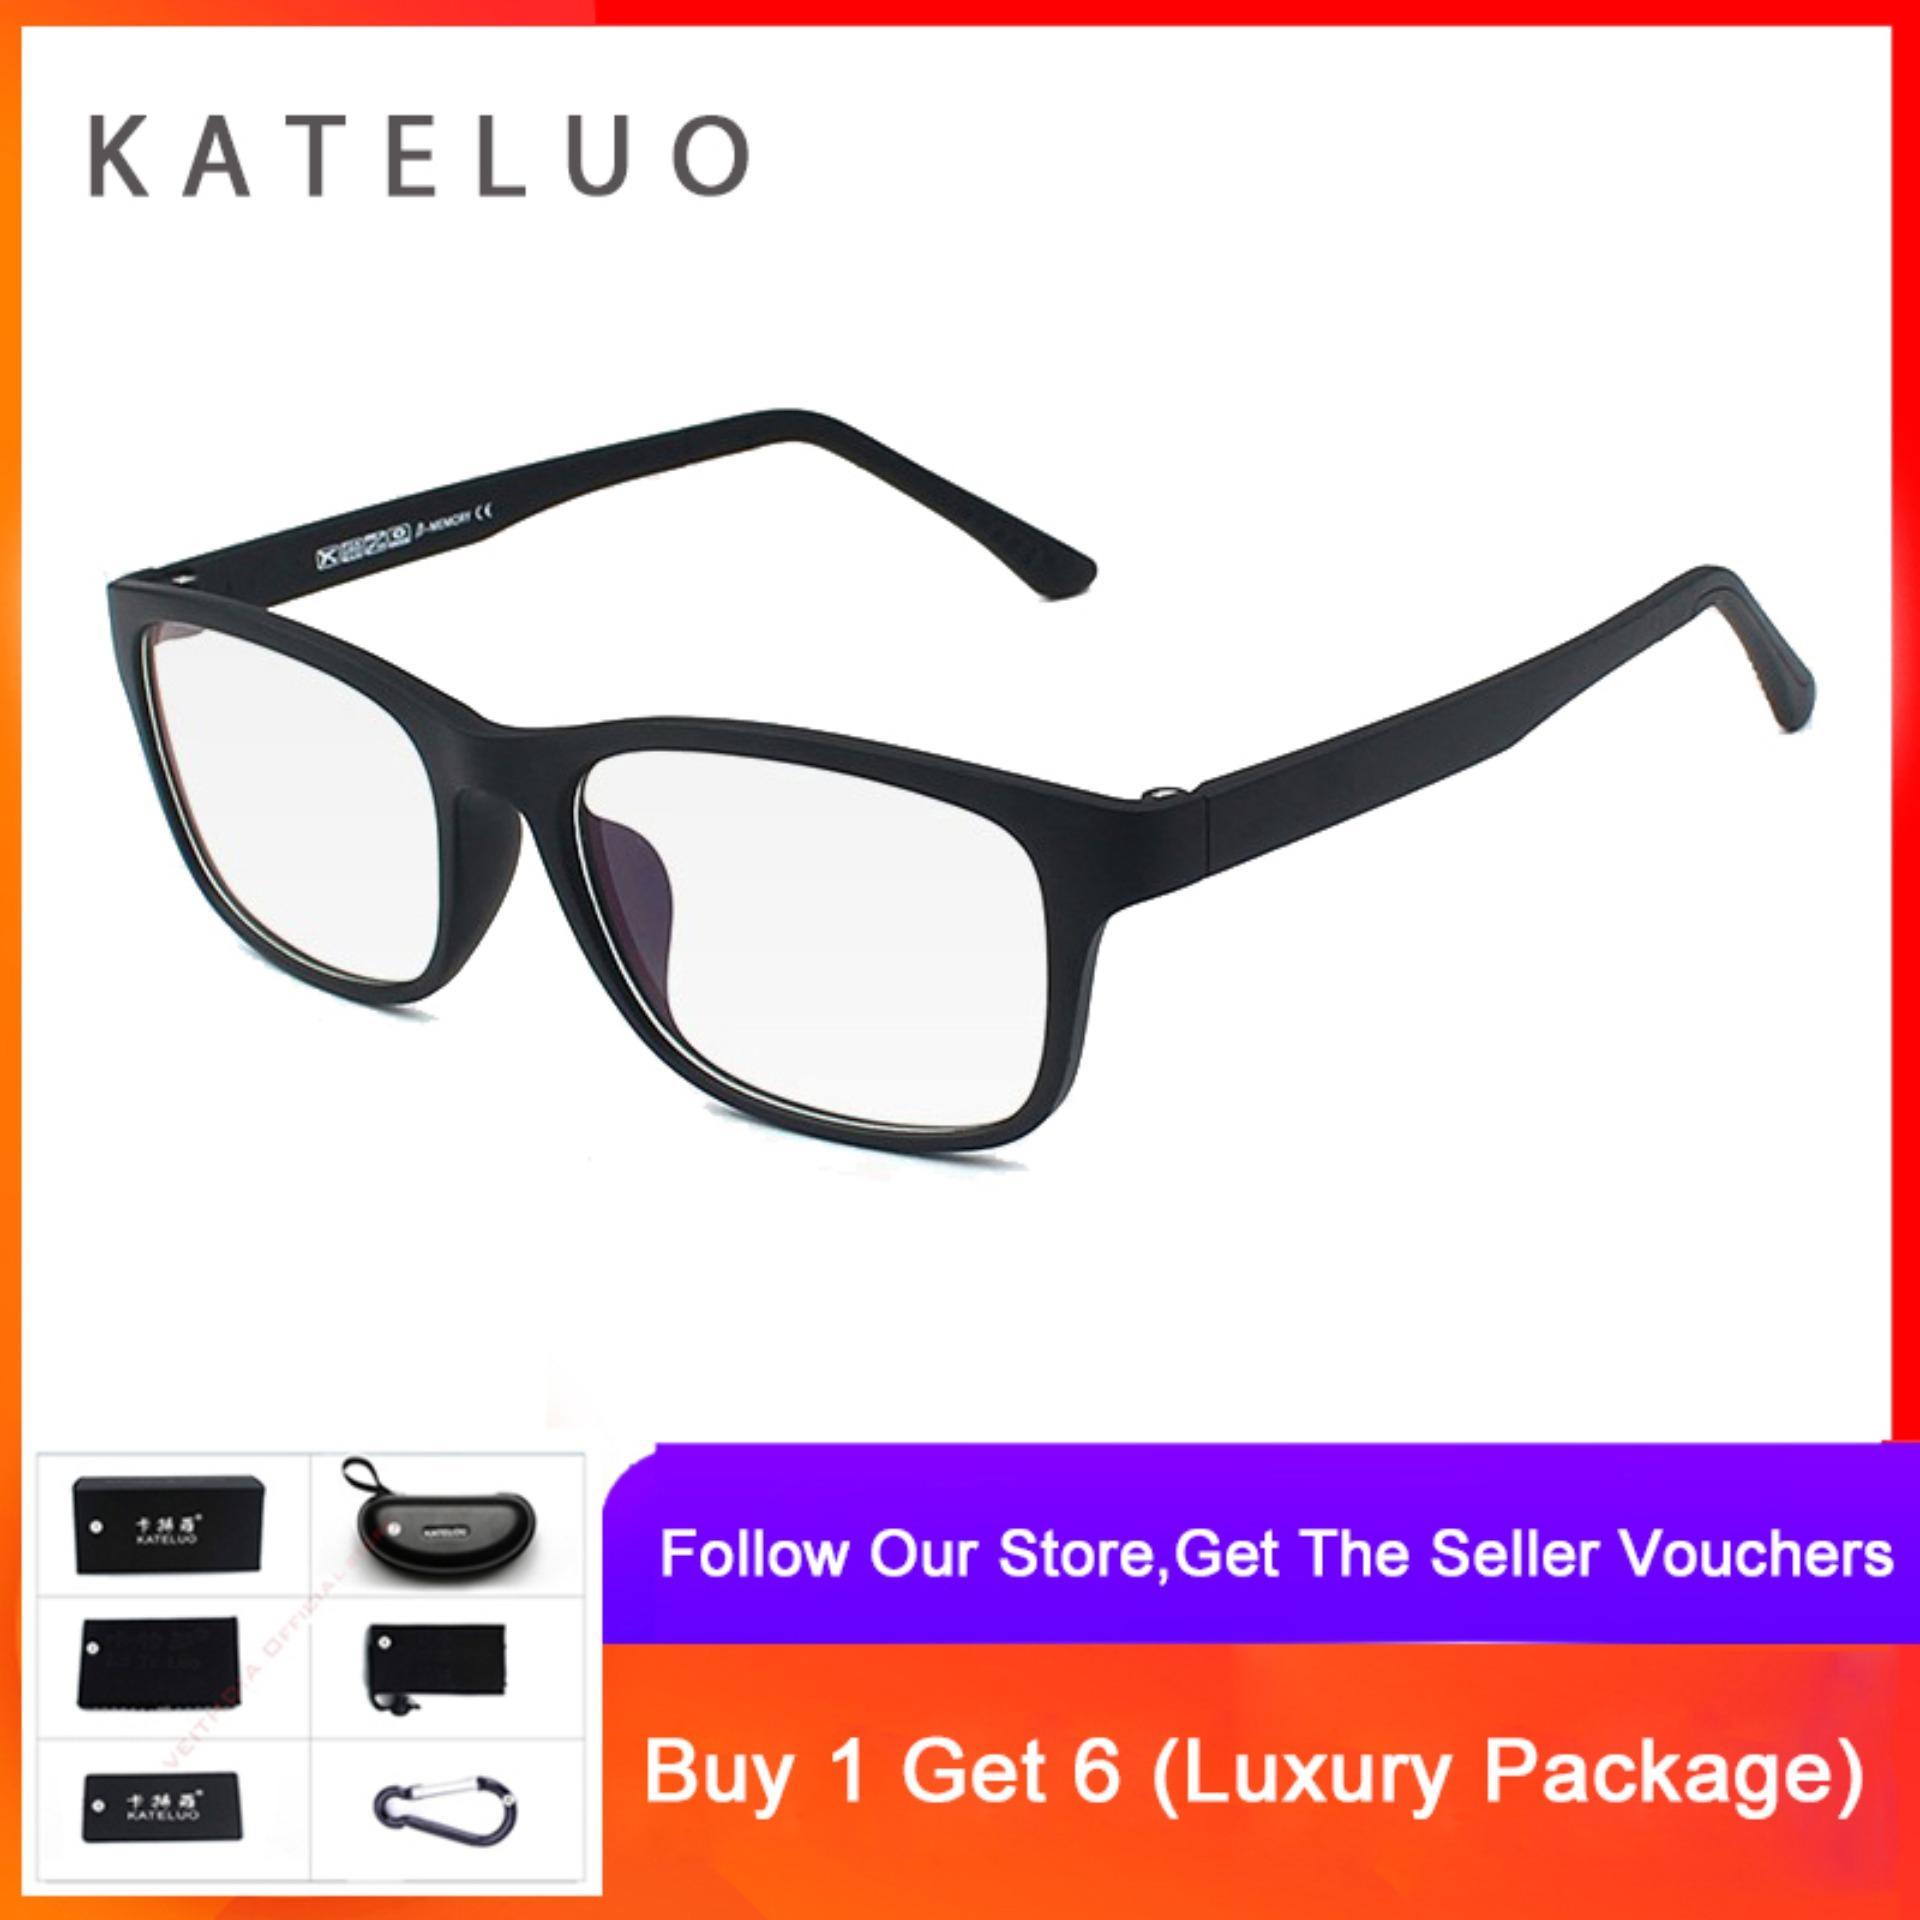 Cod+pengiriman Gratis Kateluo Kacamata Anti Radiasi Warna Biru Untuk Pria / Wanita 9219 By Veithdia Official Store